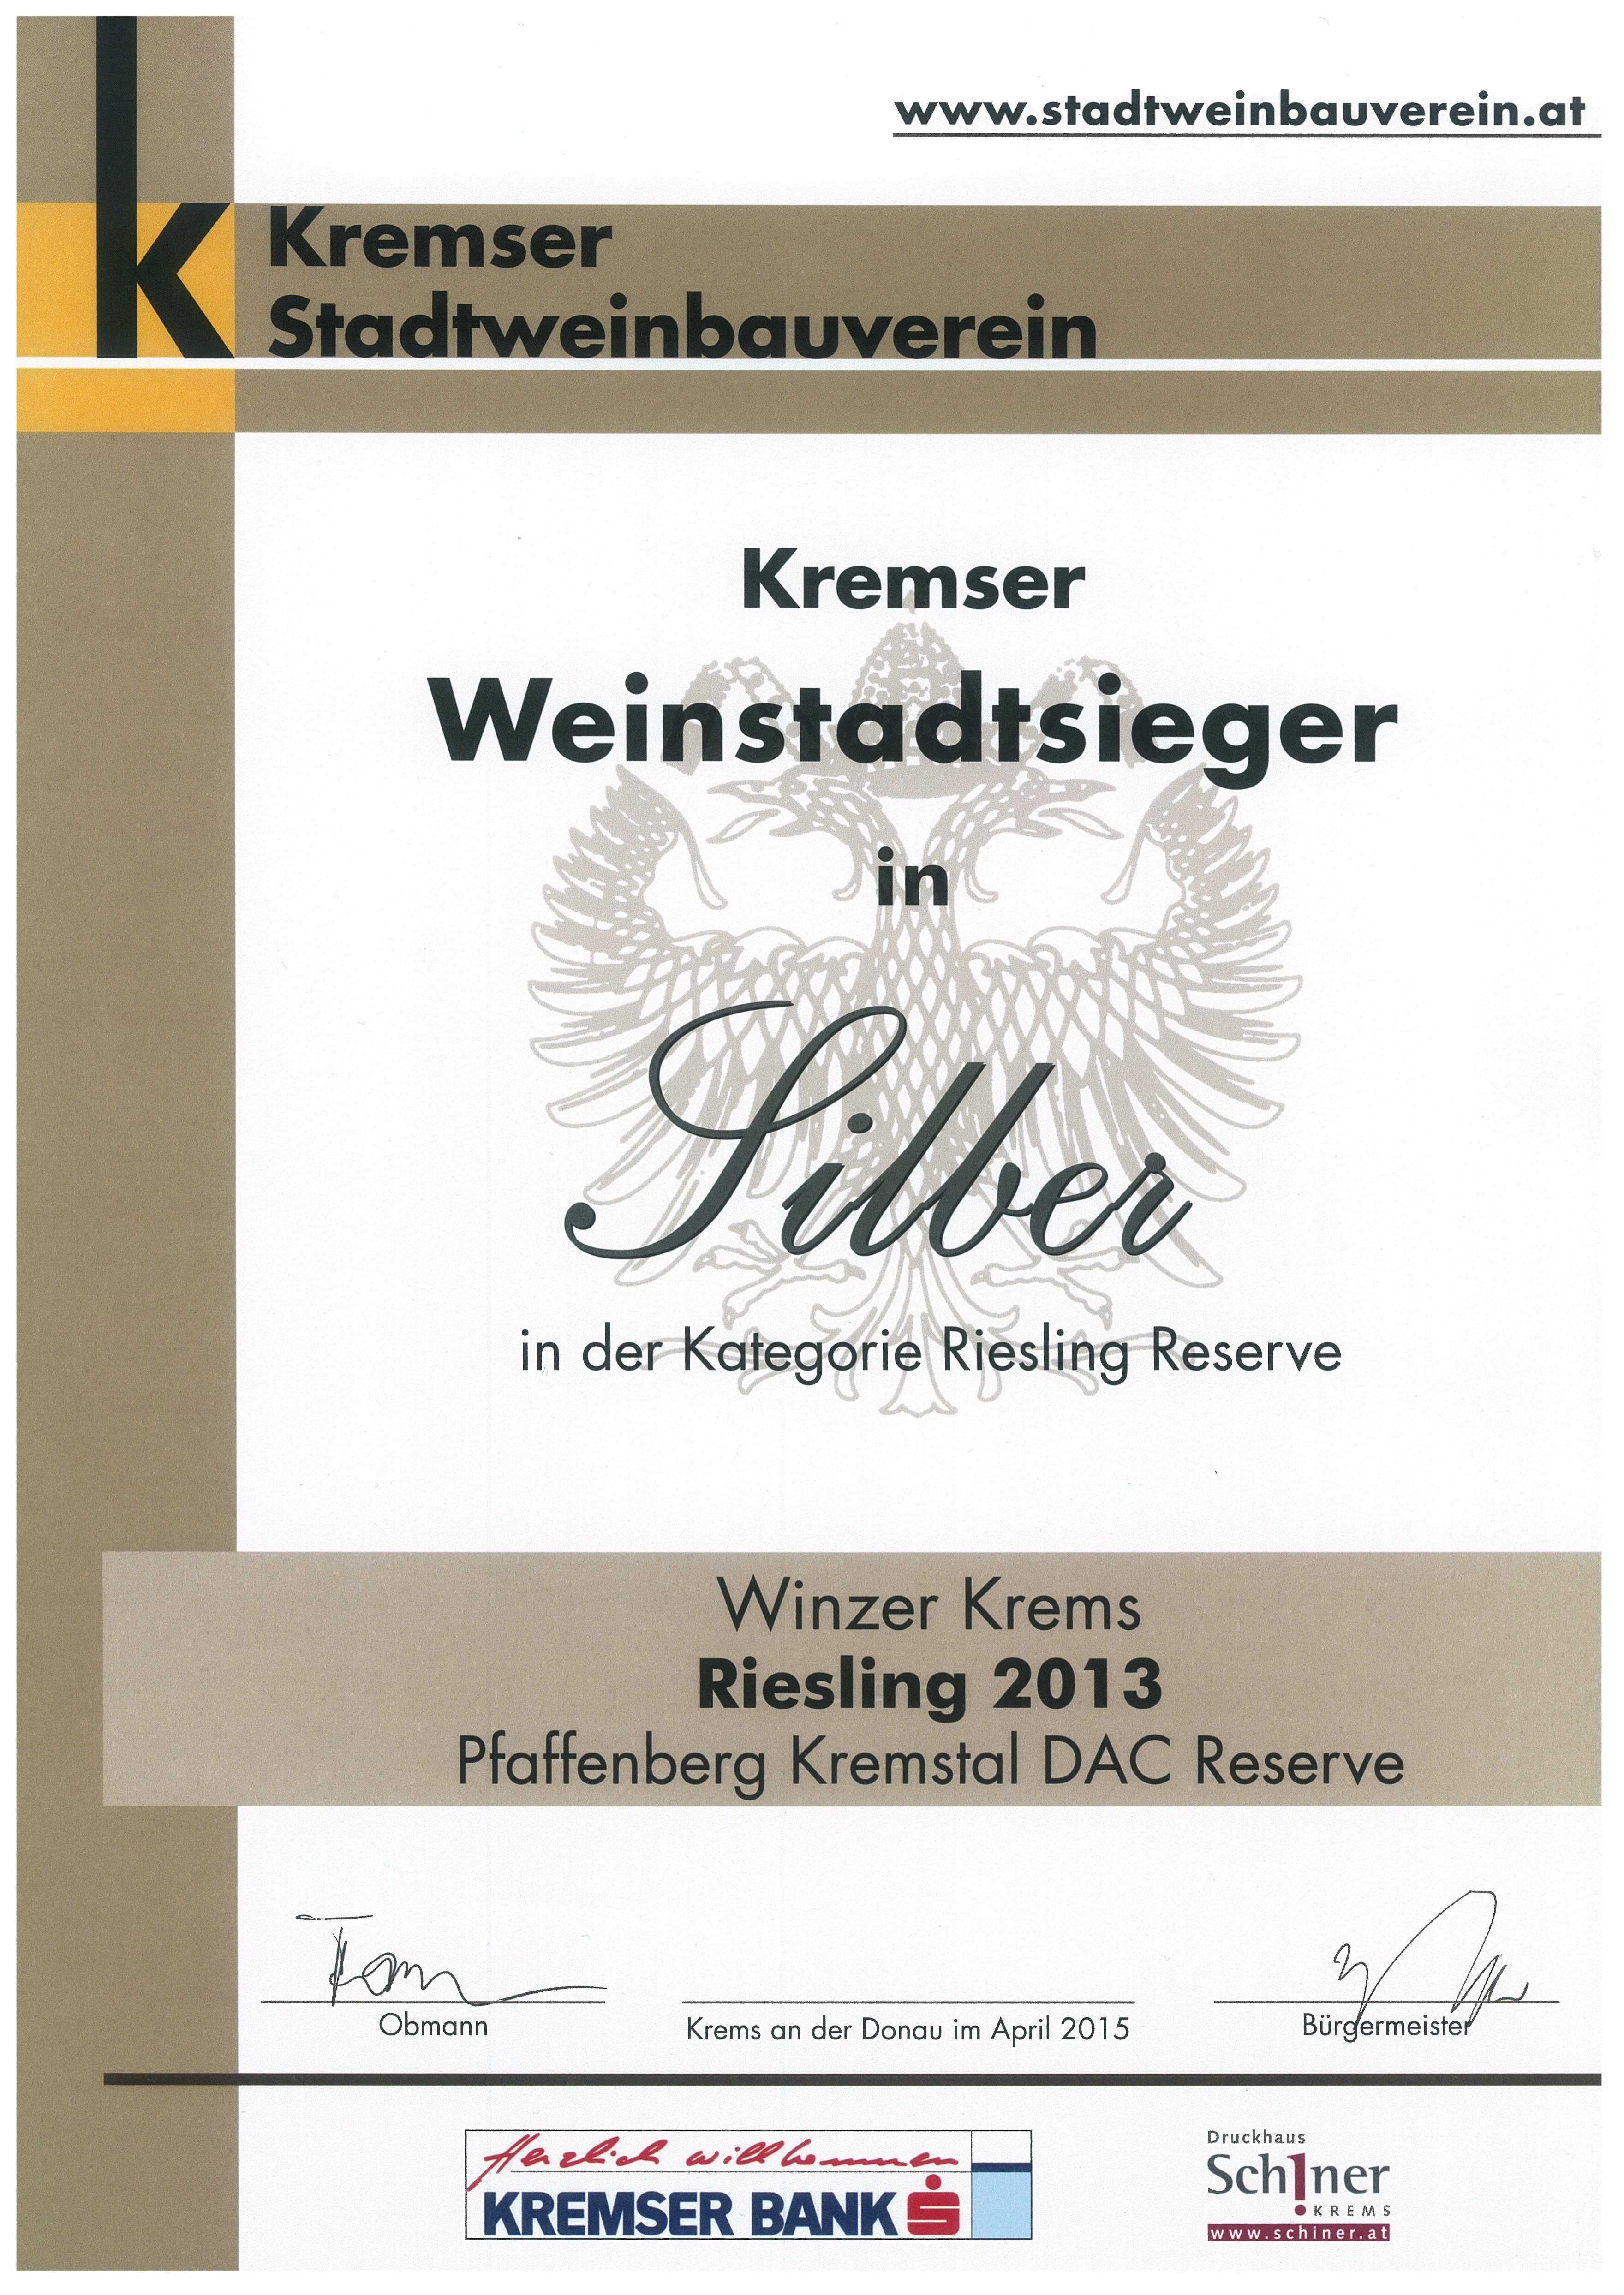 April 2015: Kremser Weinstadtsieger in Silber für Jahrgang 2013